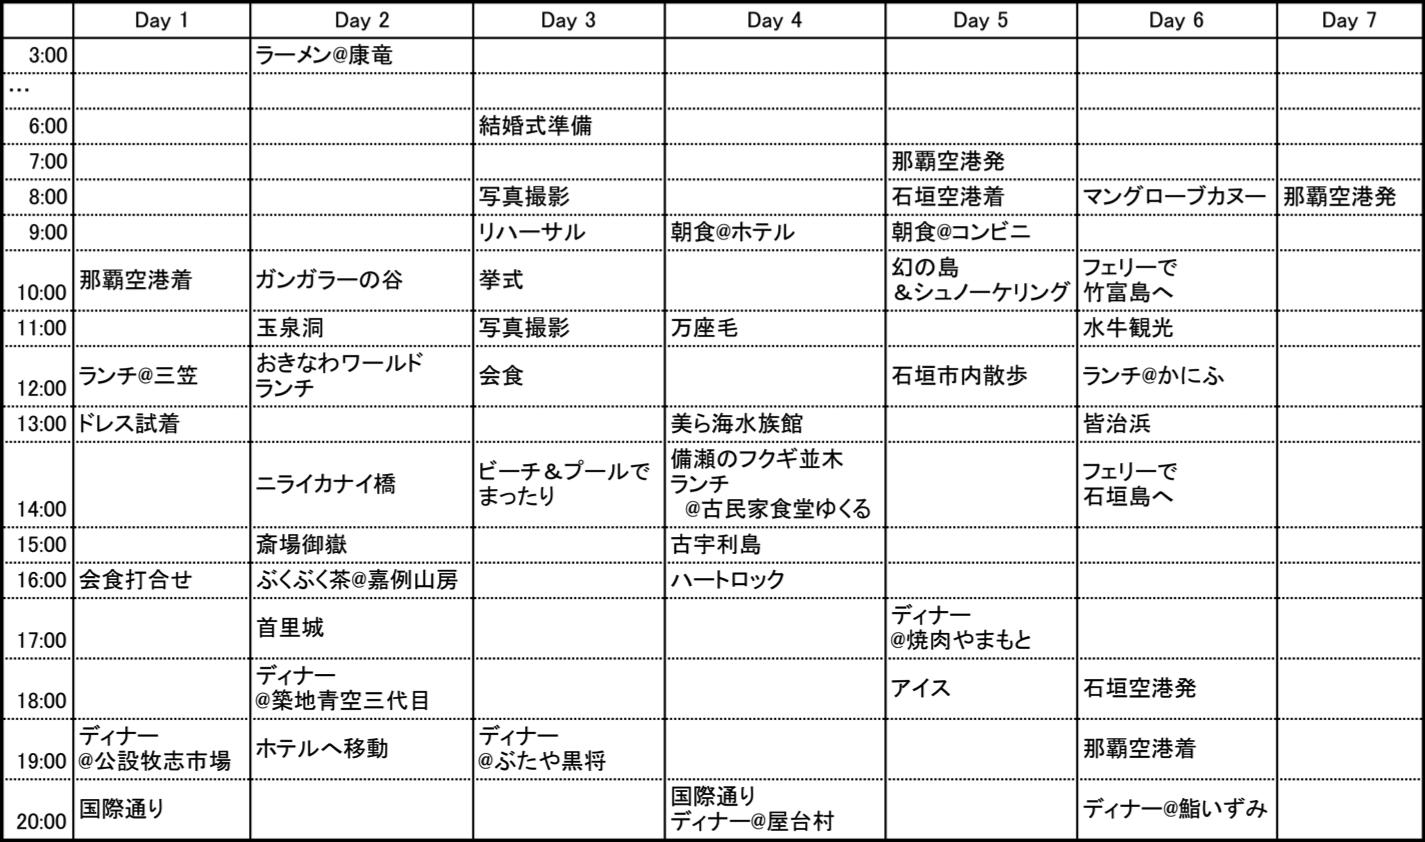 沖縄スケジュール